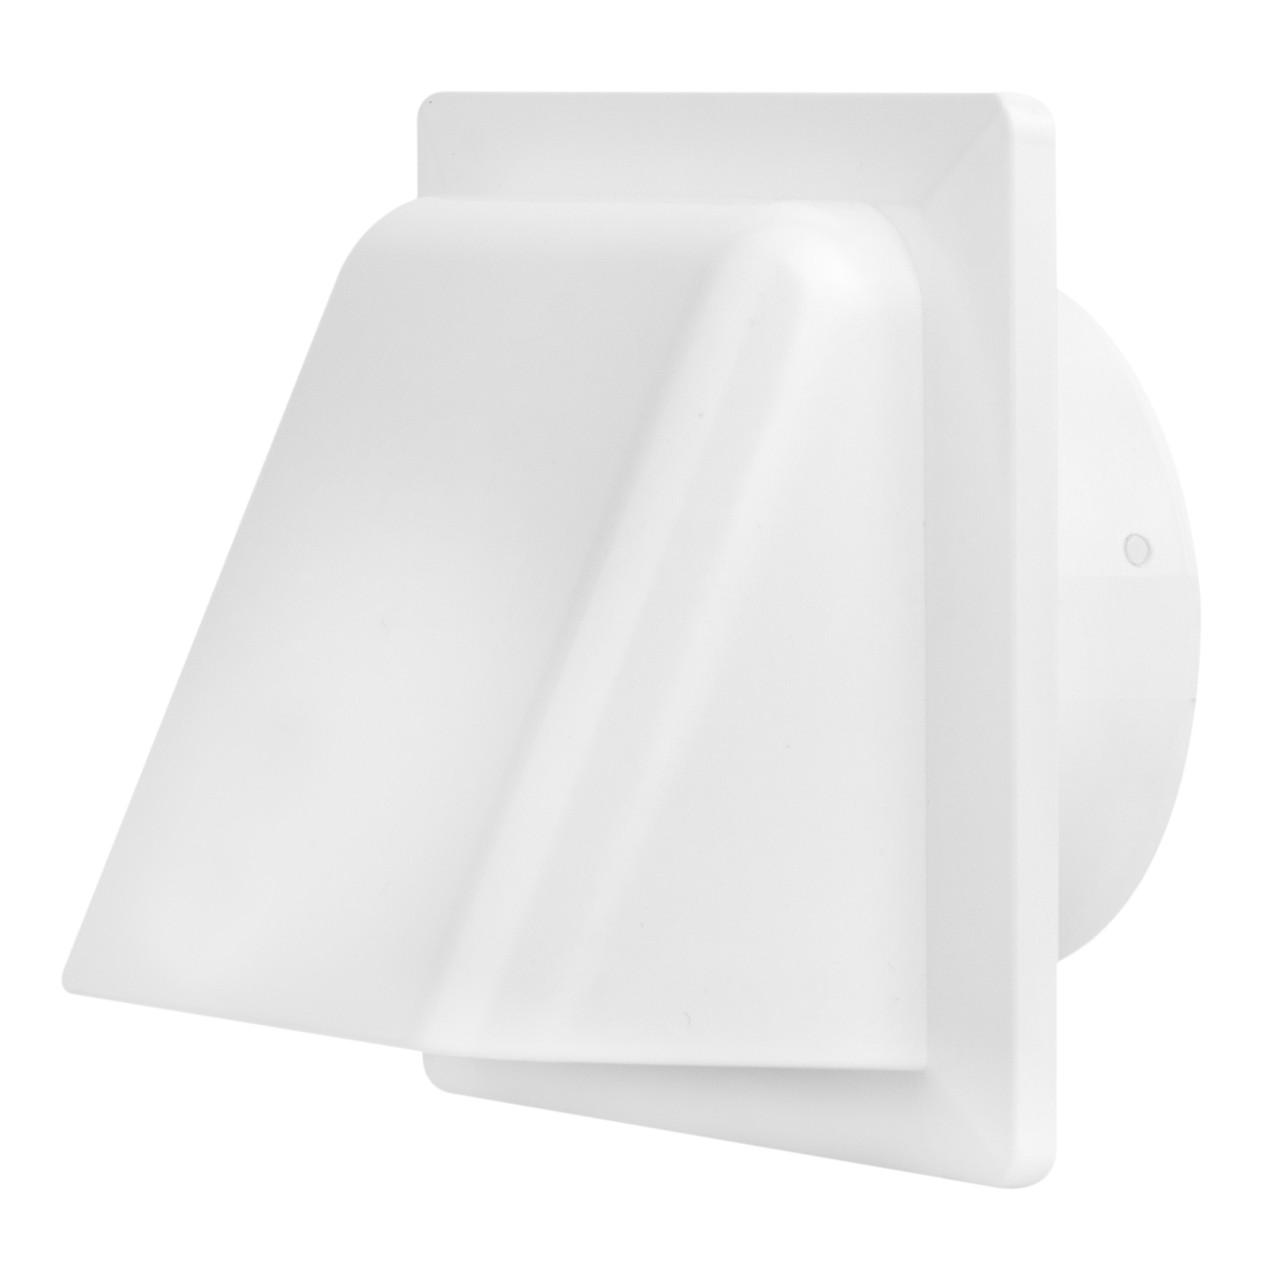 Вентиляционный колпак с клапаном и фланцем (полистирол УПМ), фото 1